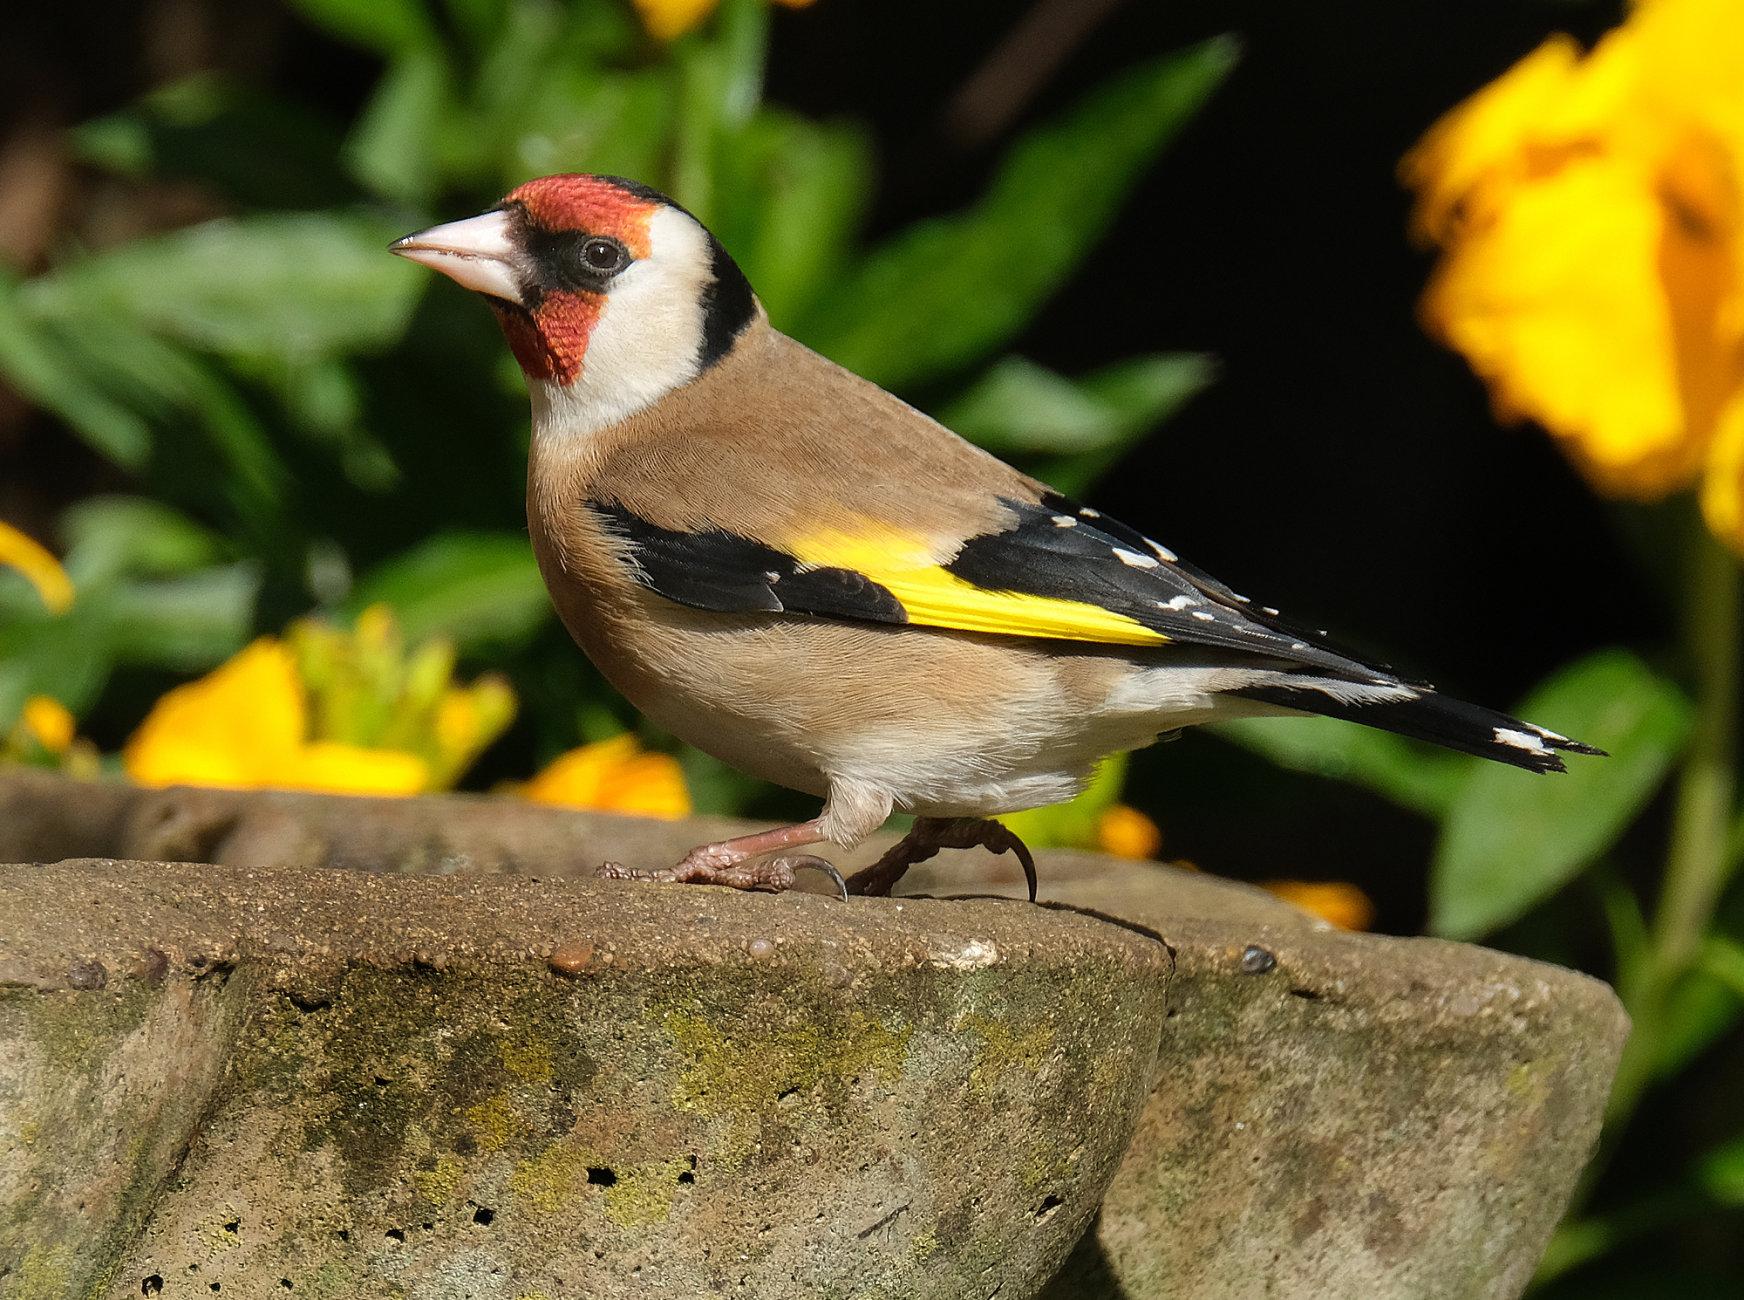 Goldfinch on bird bath.